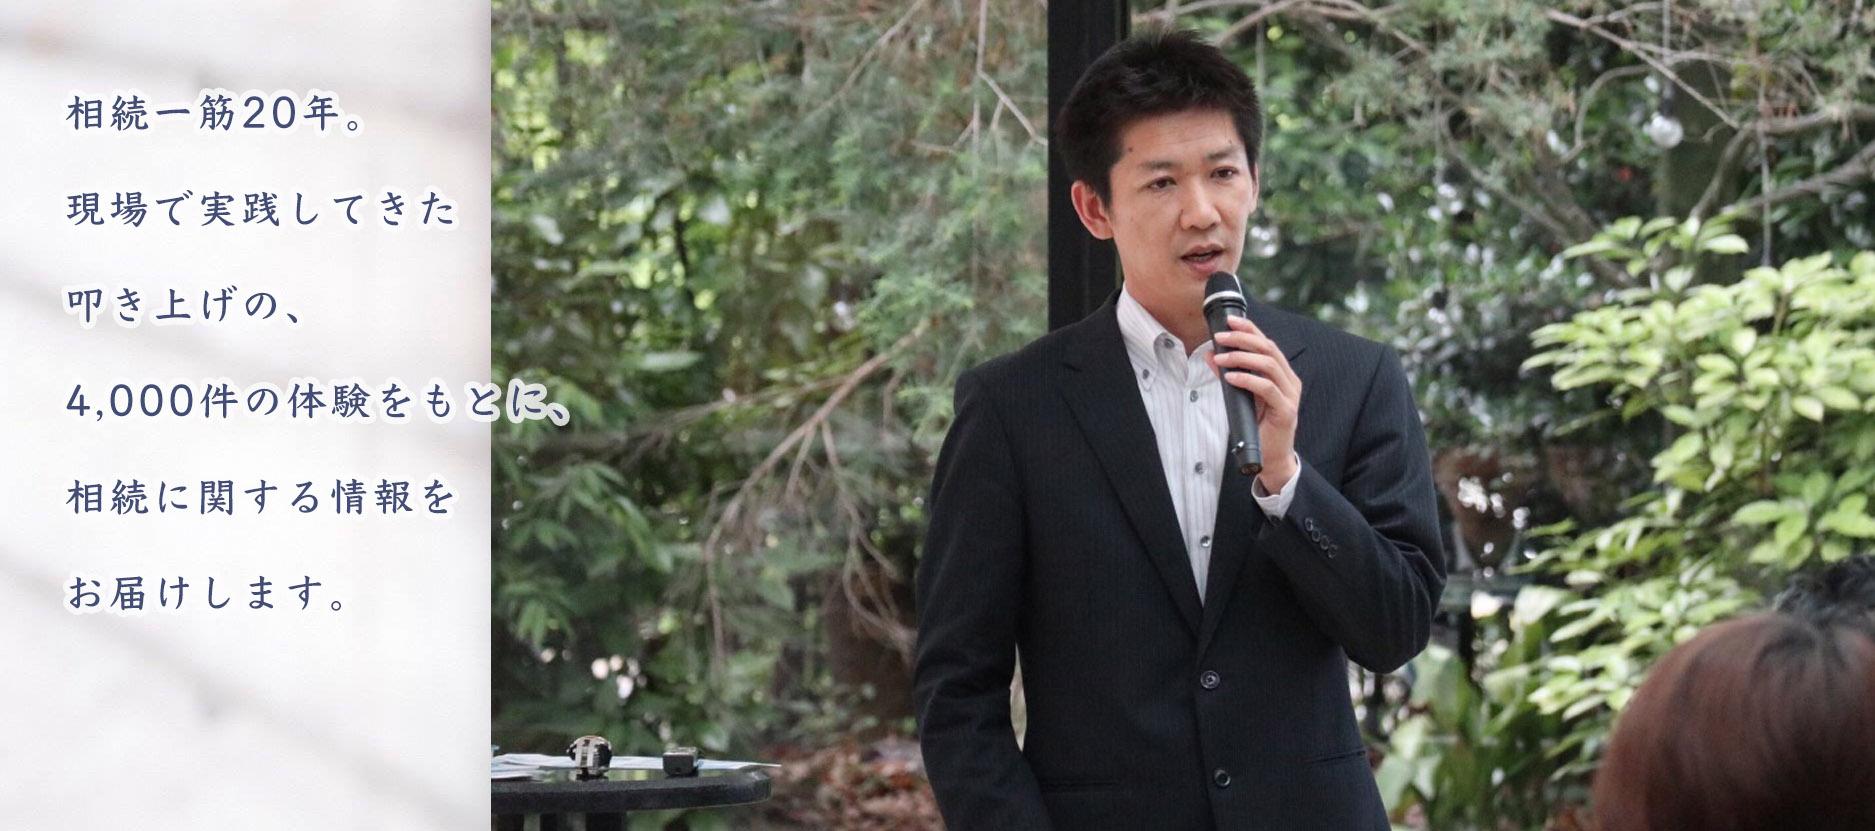 米田貴虎BLOG【公式】|4,000件の相続相談の実績、相続や終活の講演多数